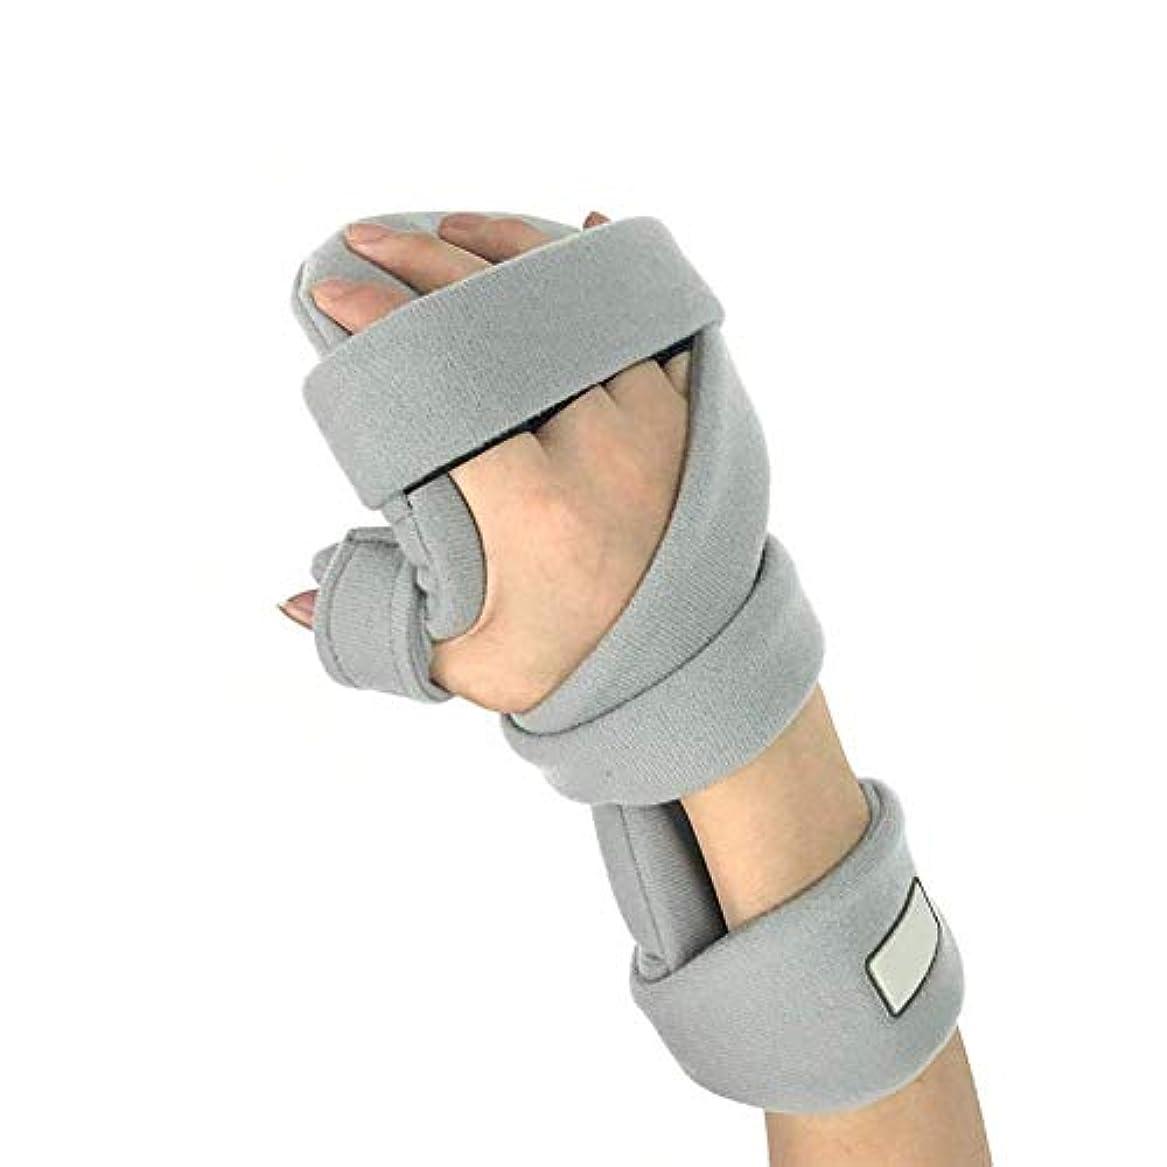 定数ドールシャーロックホームズ弾性手首サポート副木、指副木、手根管、痛みを軽減する手根管、骨折、捻挫および関節の痛みを軽減,Right